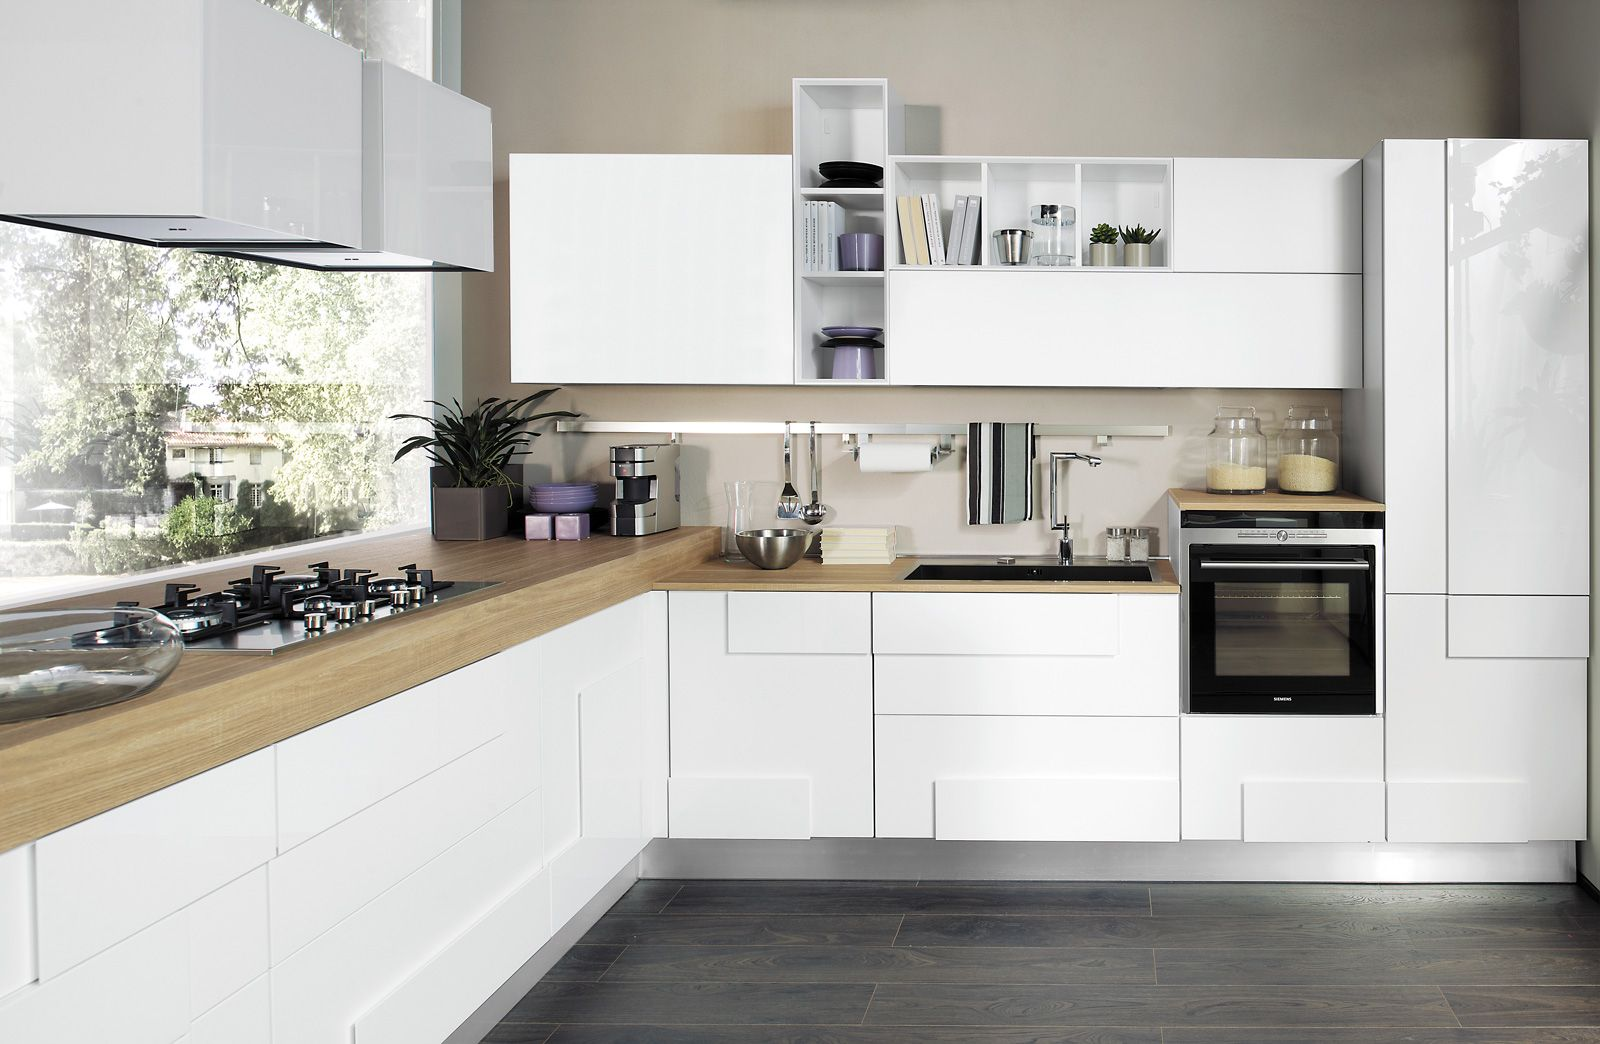 Cucina bianca 5 soluzioni per arredare proposti da lube for Soluzioni per arredare casa